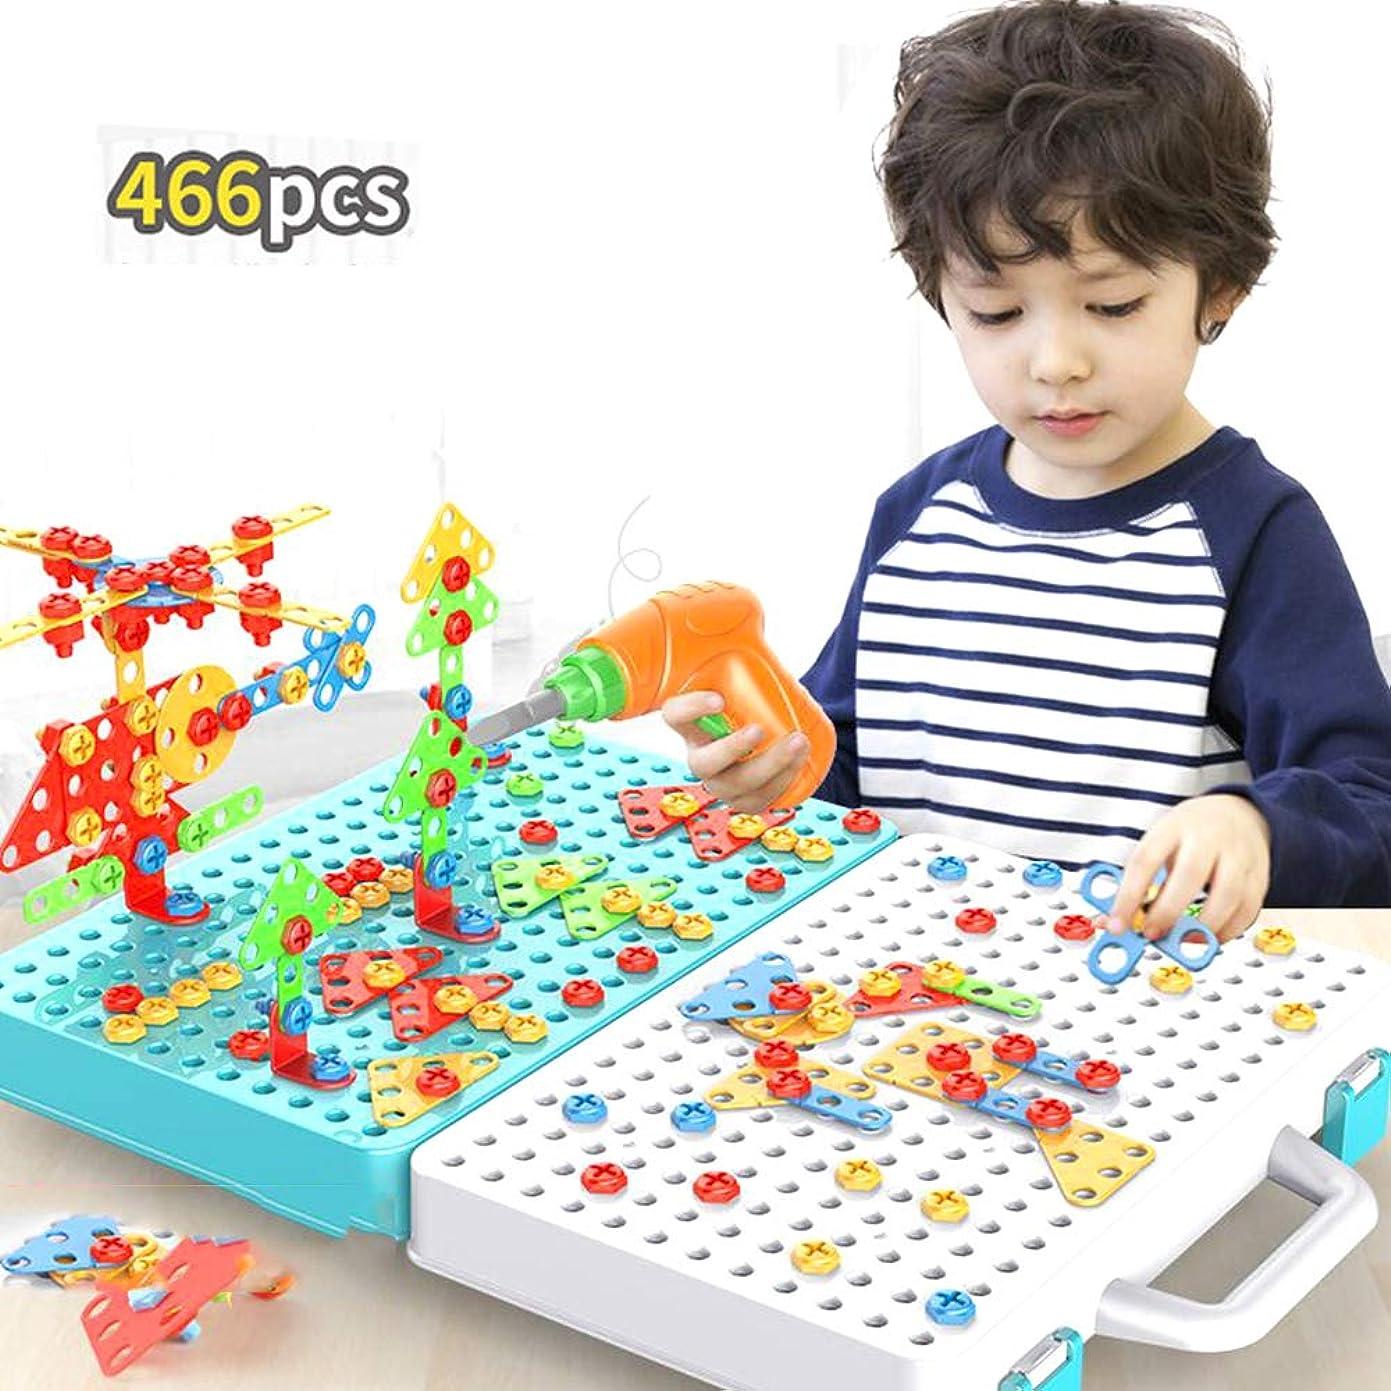 効能あるエアコン腐敗ビルディングブロックゲームセット、おもちゃのドリルとドライバーのツールセット、STEM教育用建設セット3DモデルブロックアセンブリDIY 466個セット、子供用収納ボックス付き。